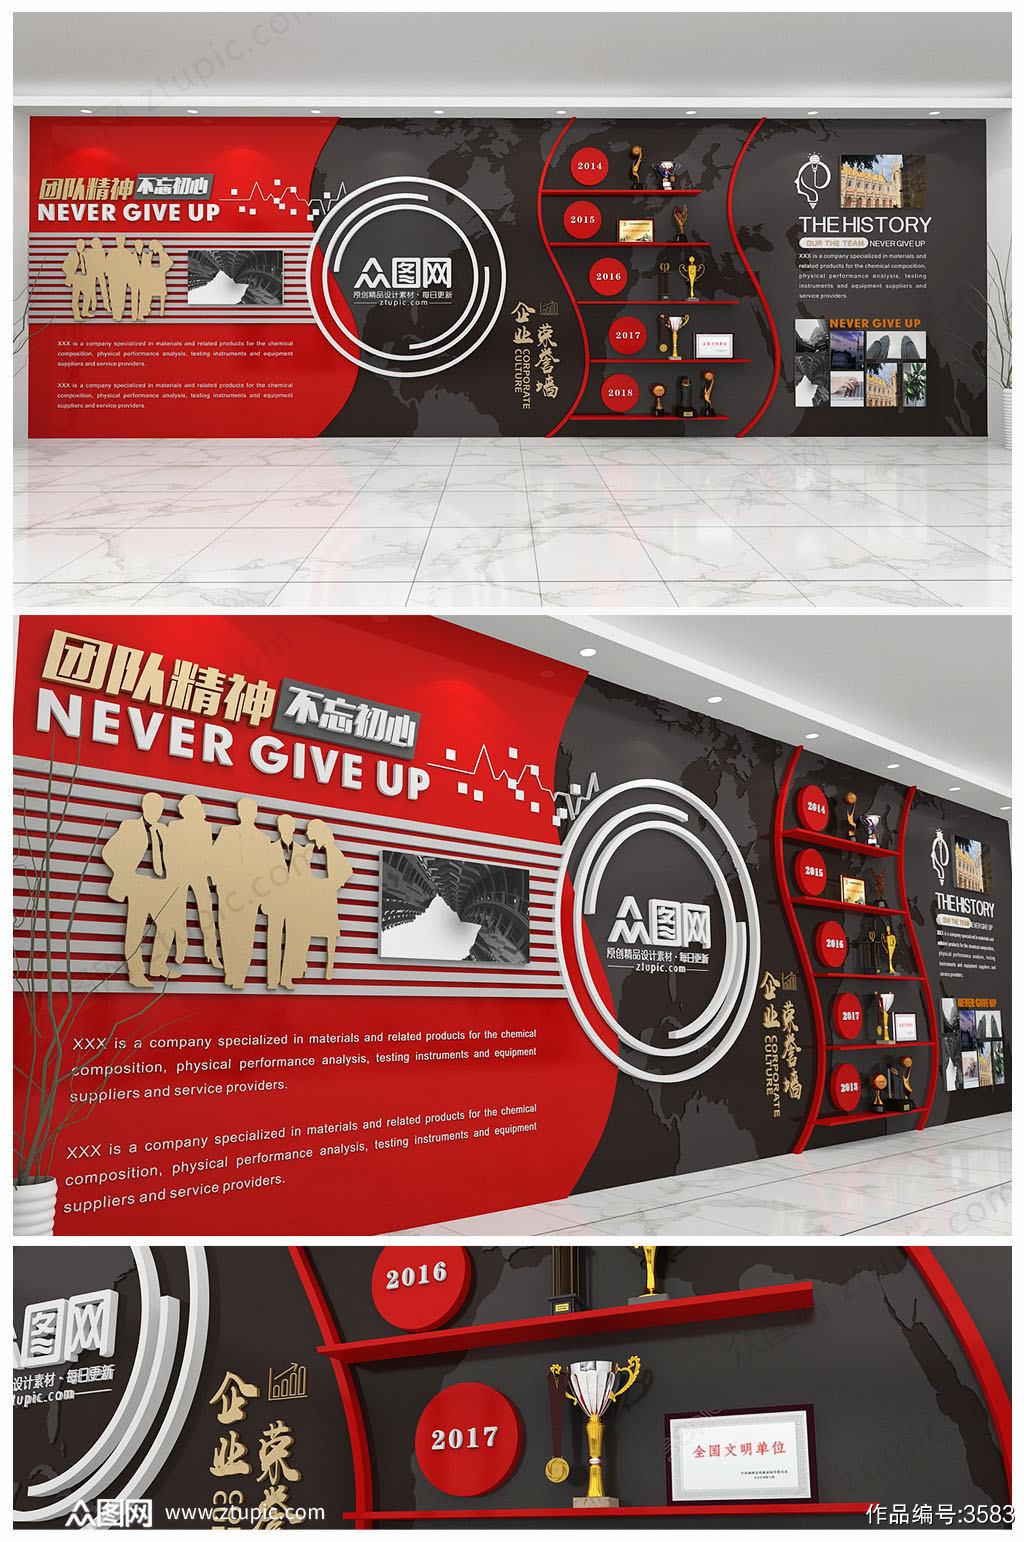 创意红色企业荣誉墙荣誉榜文化墙展厅素材